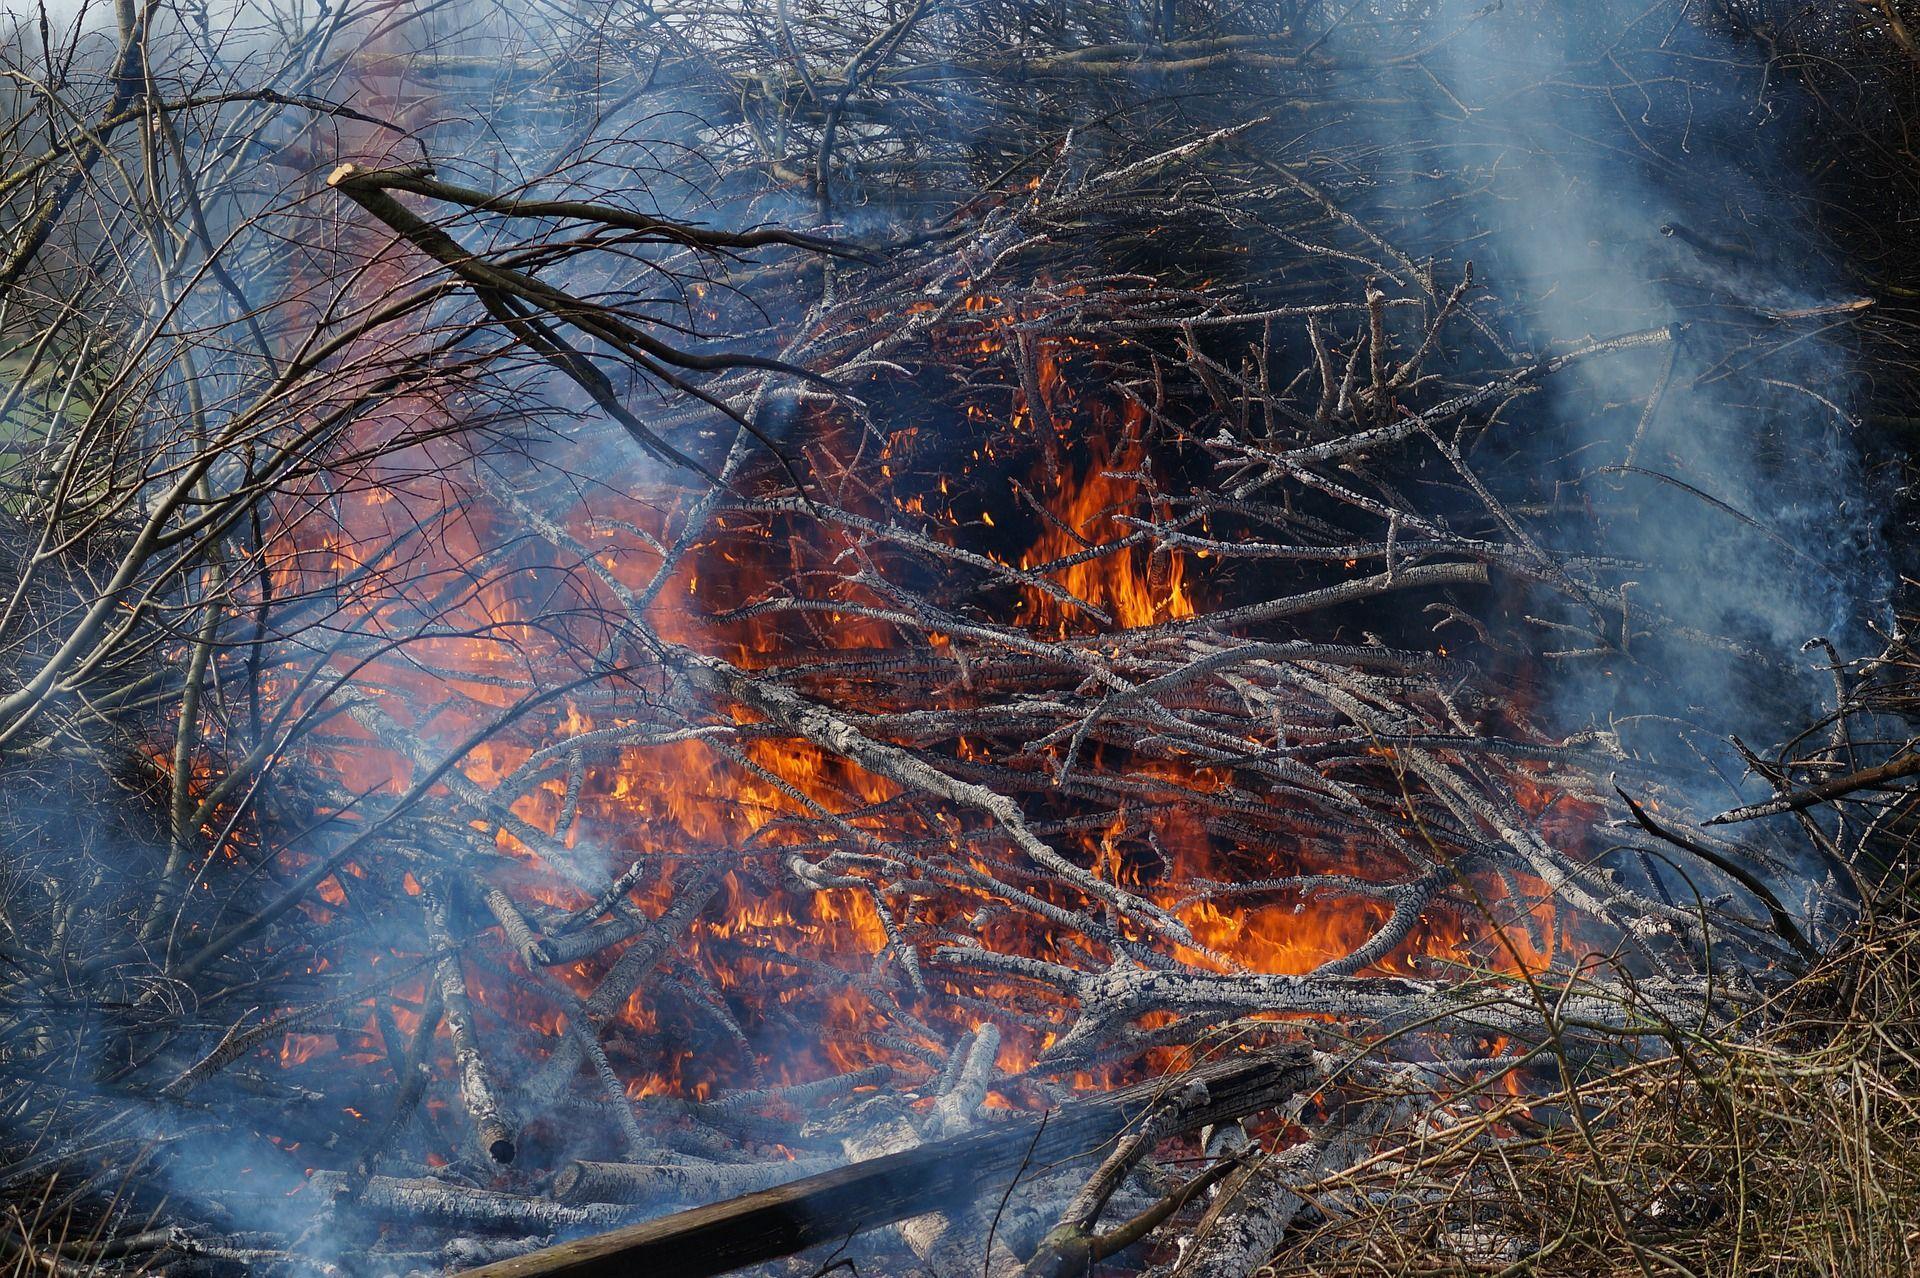 Bild der Meldung: Gartenabfälle abbrennen ist illegal und unsolidarisch